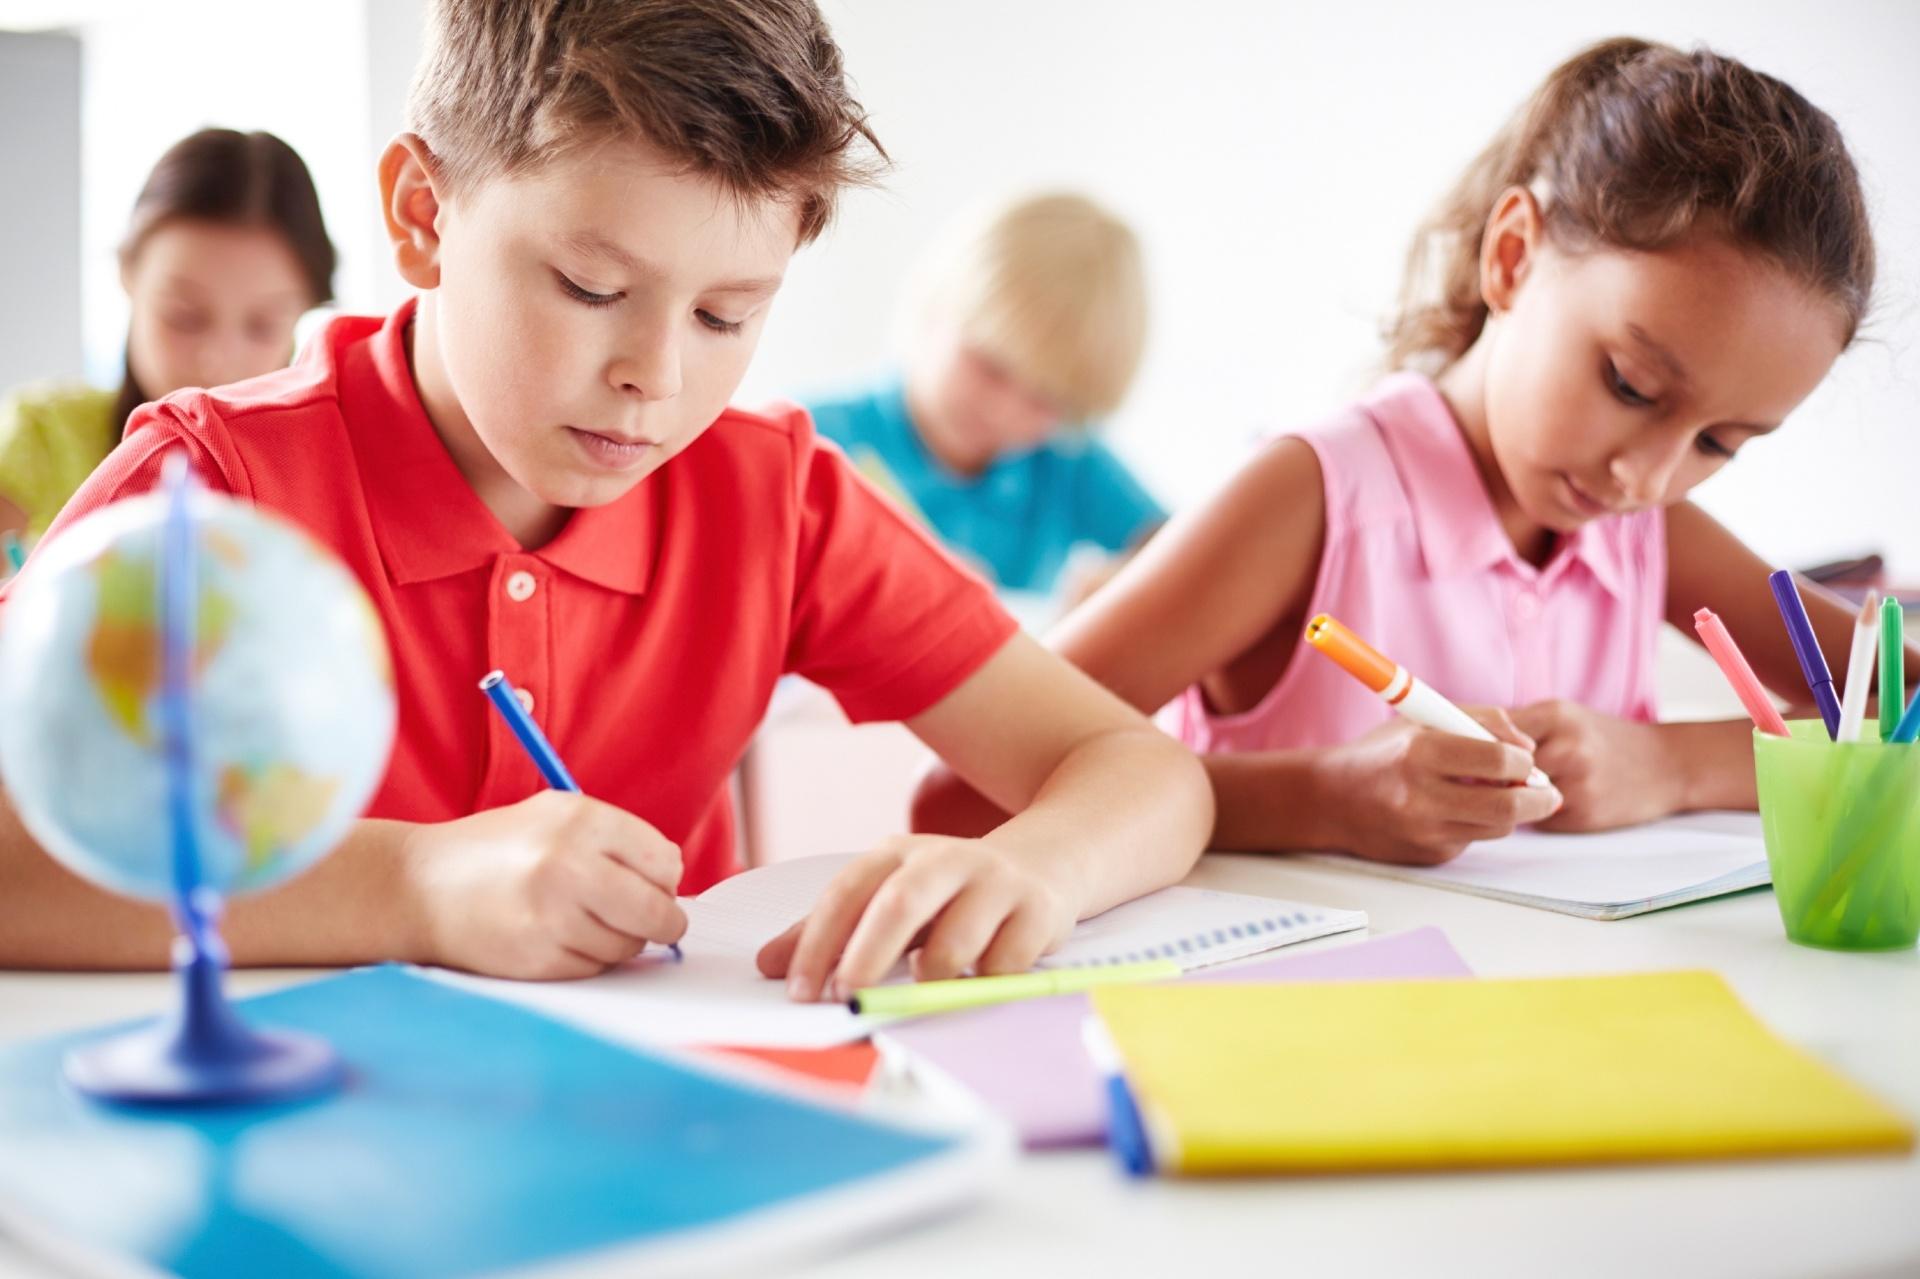 material-escolar-volta-as-aulas-crianca-na-escola-crianca-estudando-criancas-estudando-sala-de-aula-